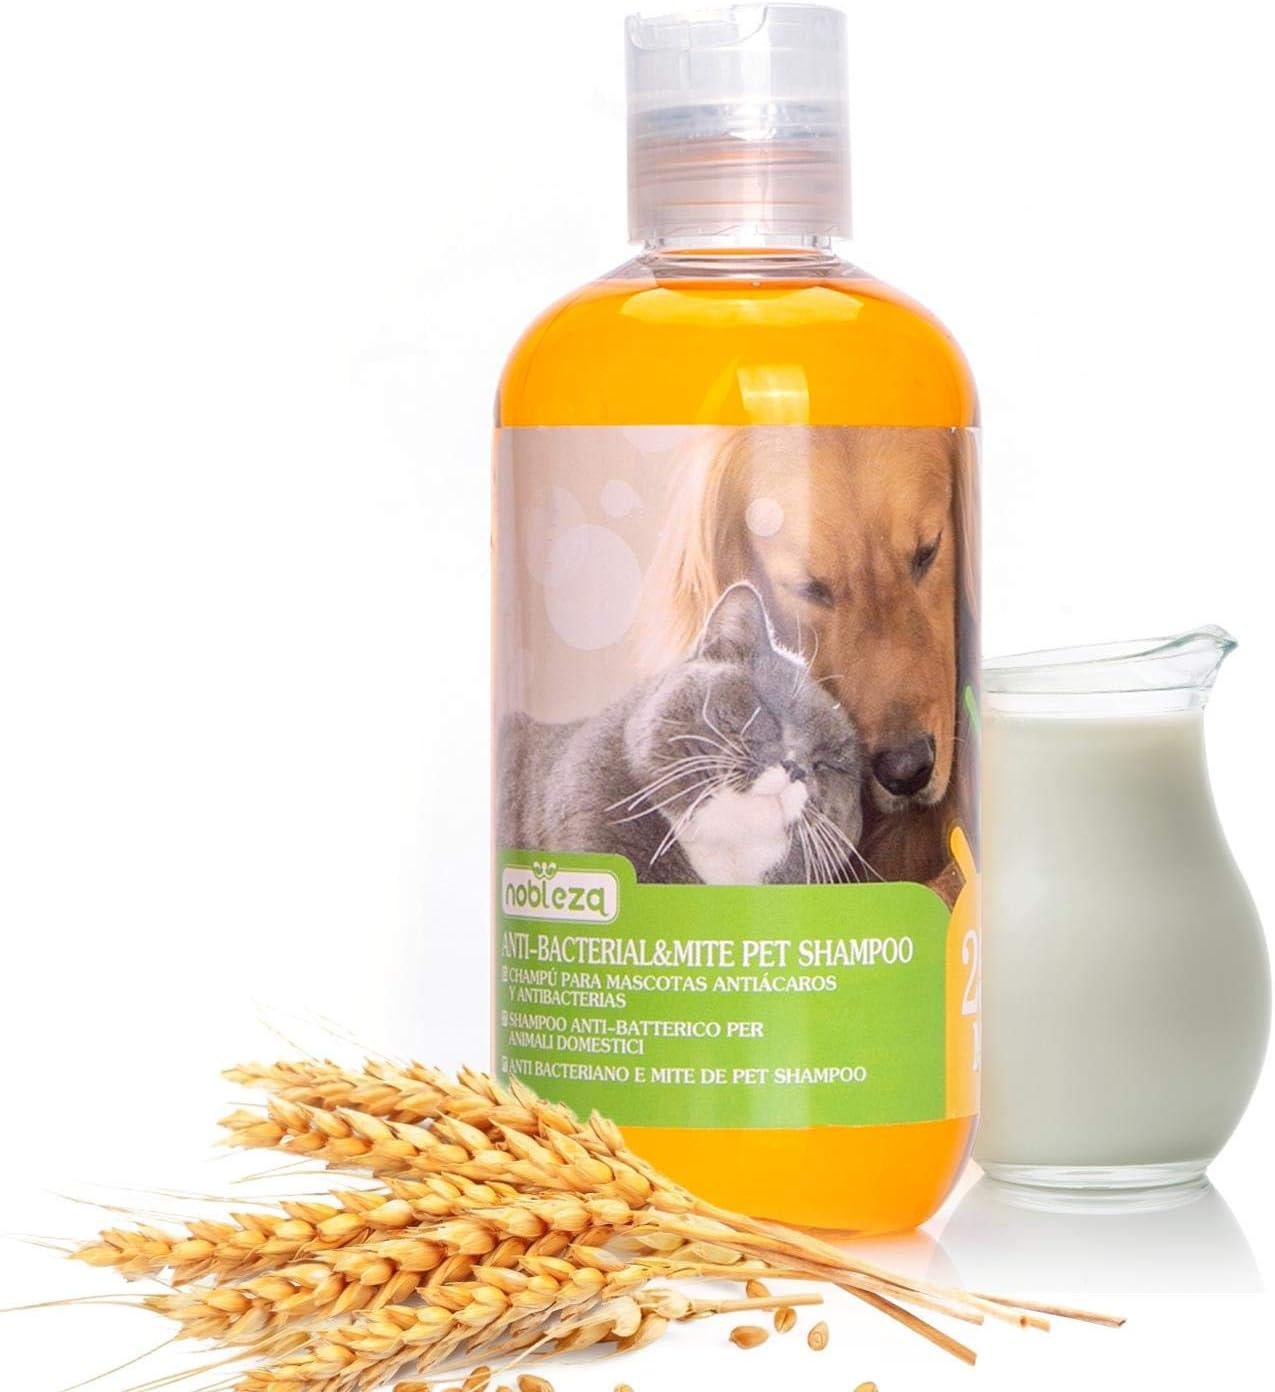 Nobleza – Champú antipulgas para Perros Gatos, Anti-Pulgas y Anti-Acaros - Seguro y no irritante (250ml)